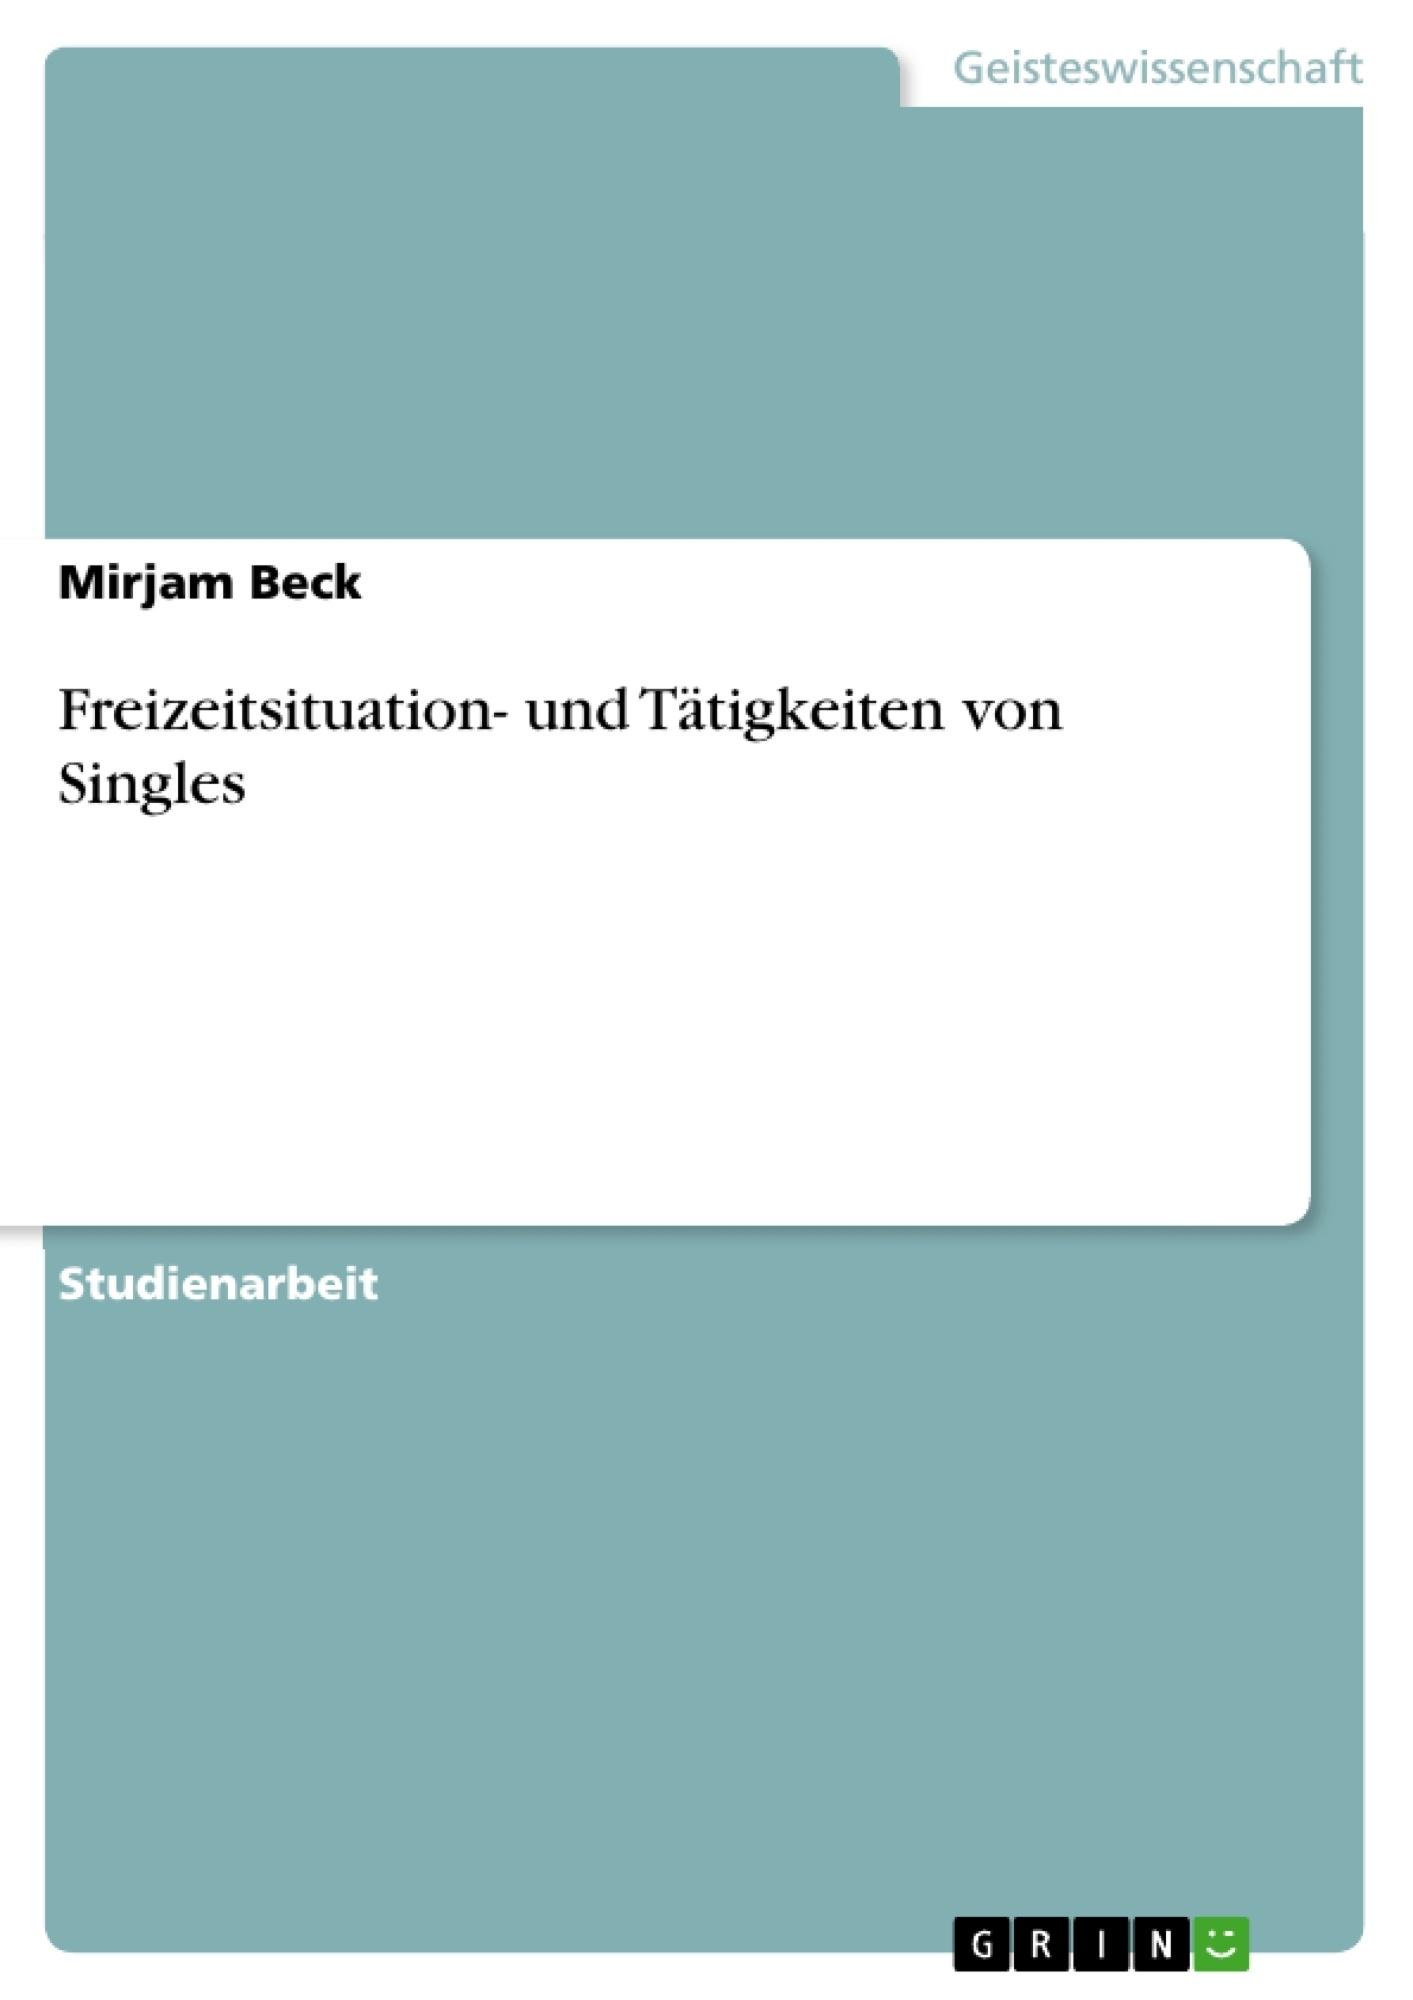 Titel: Freizeitsituation- und Tätigkeiten von Singles